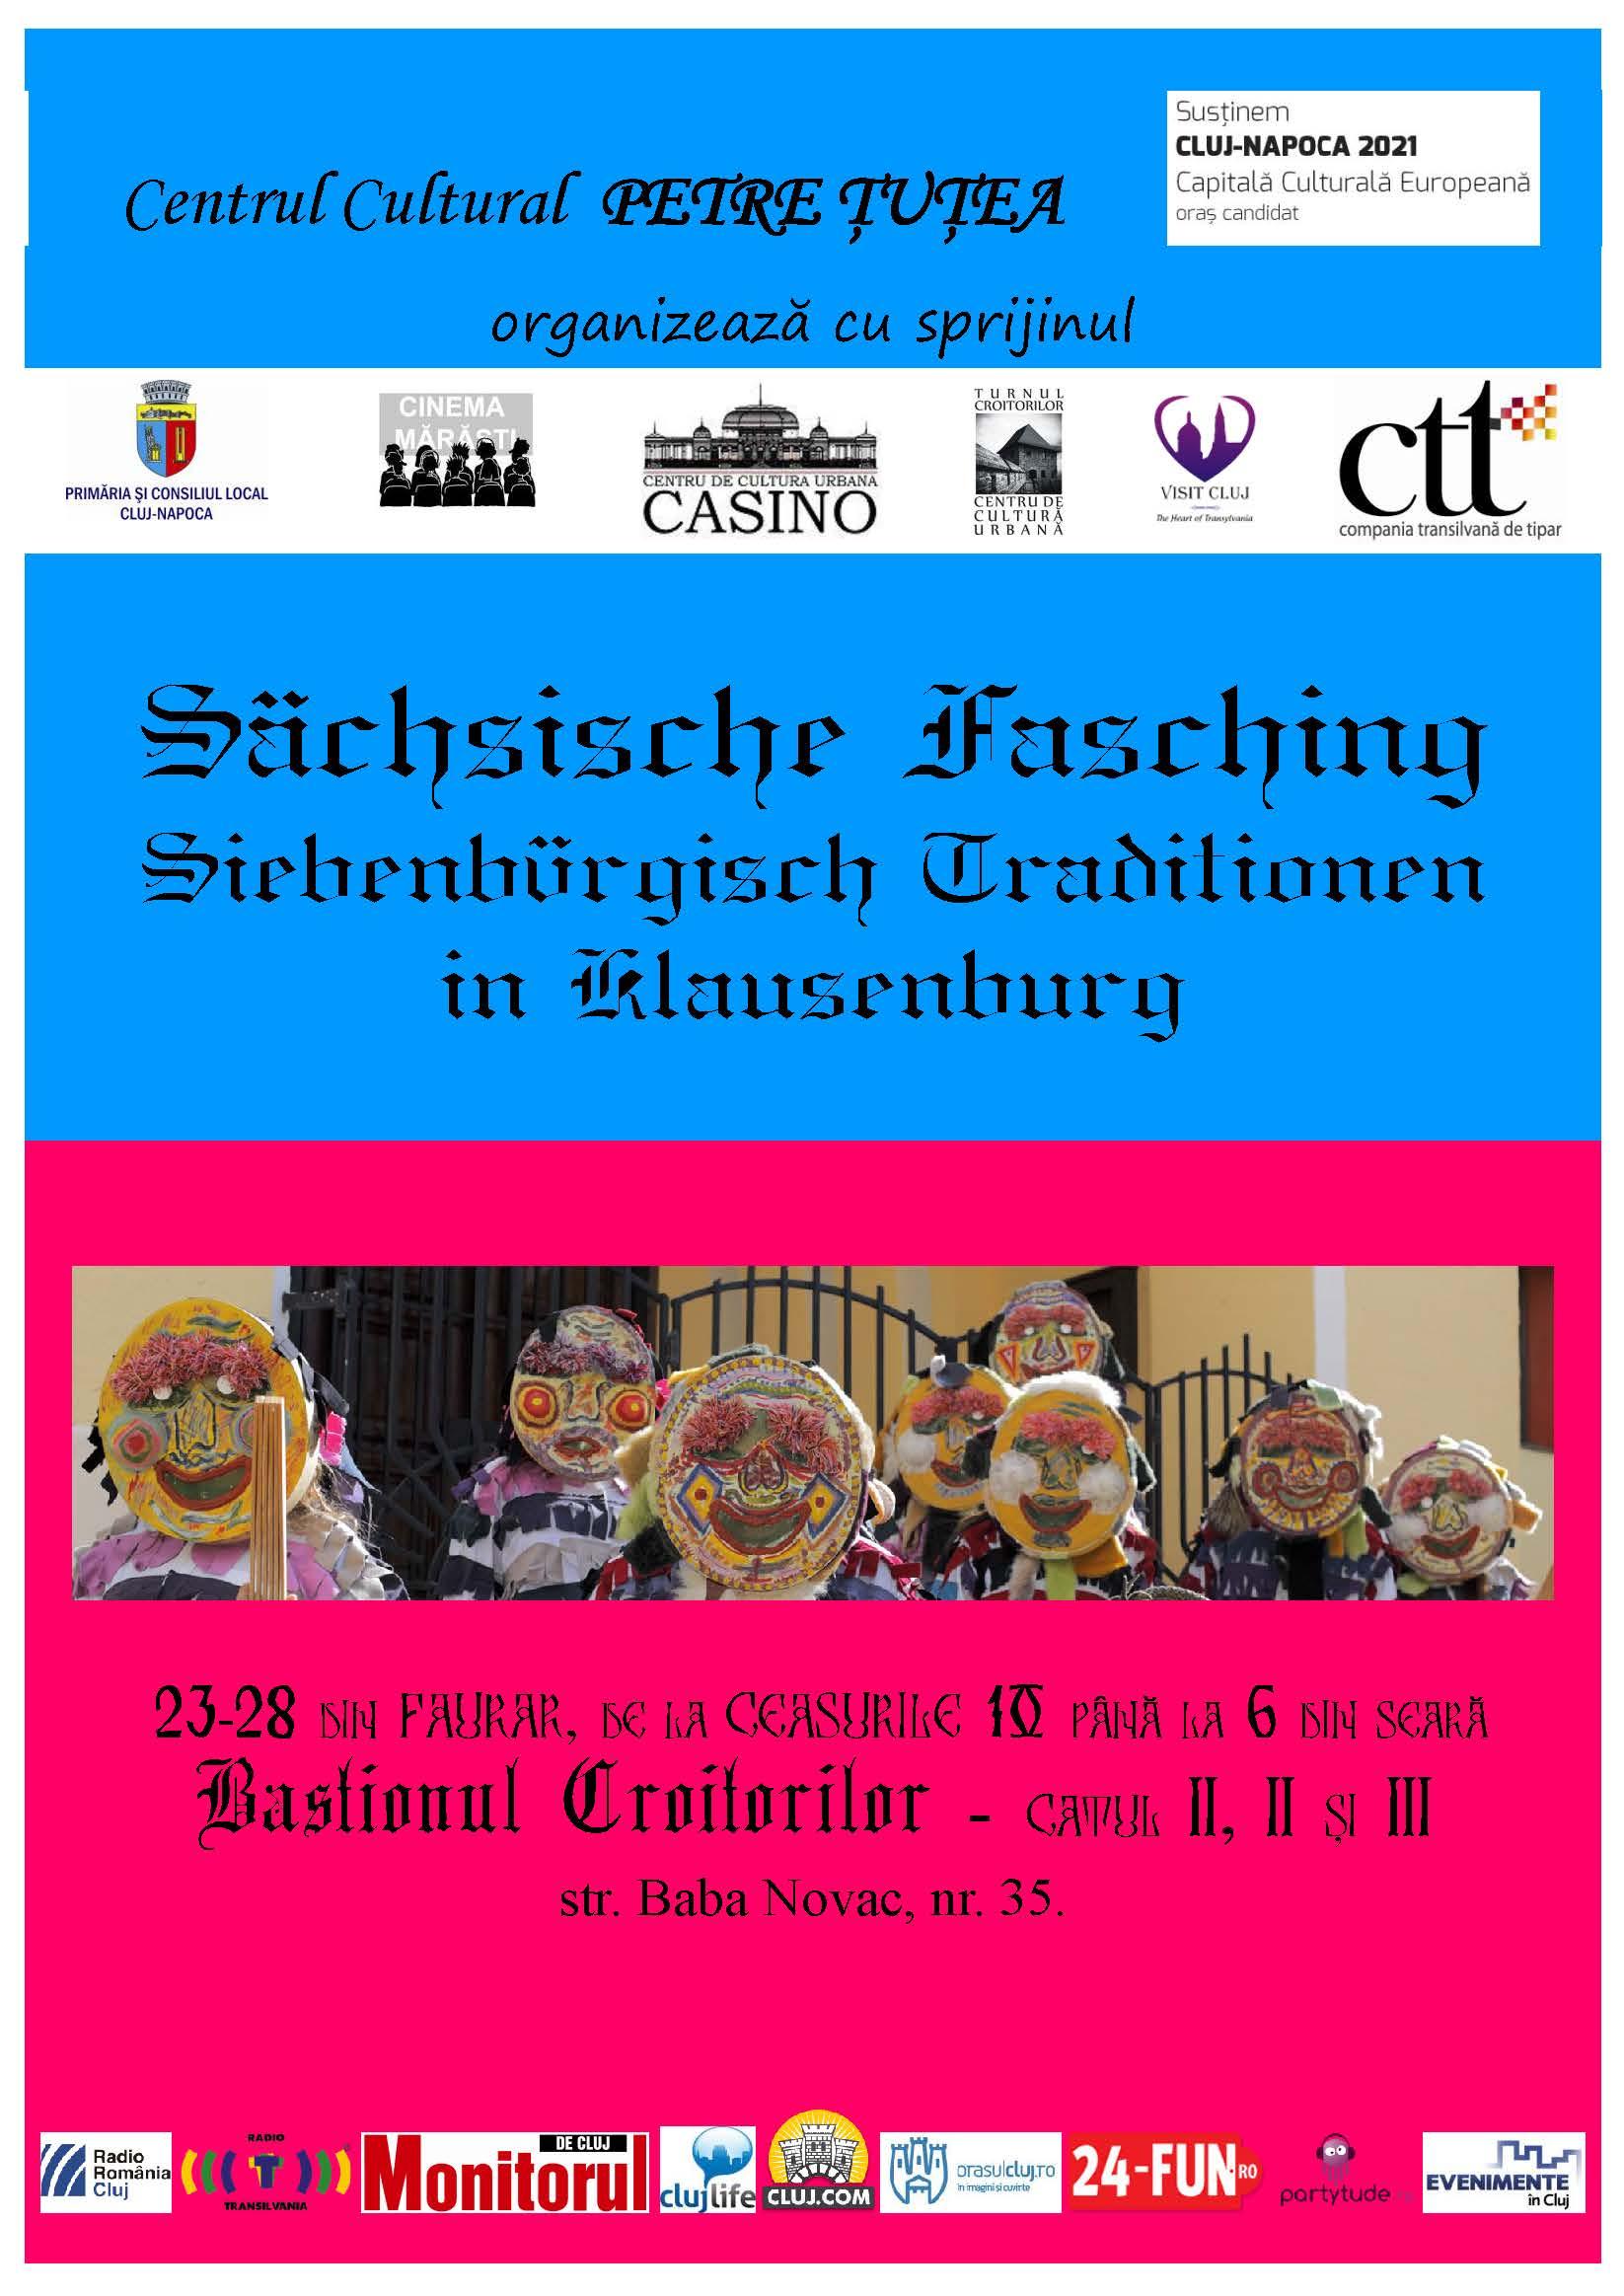 Sächsische Fasching – Siebenbürgisch Traditionen